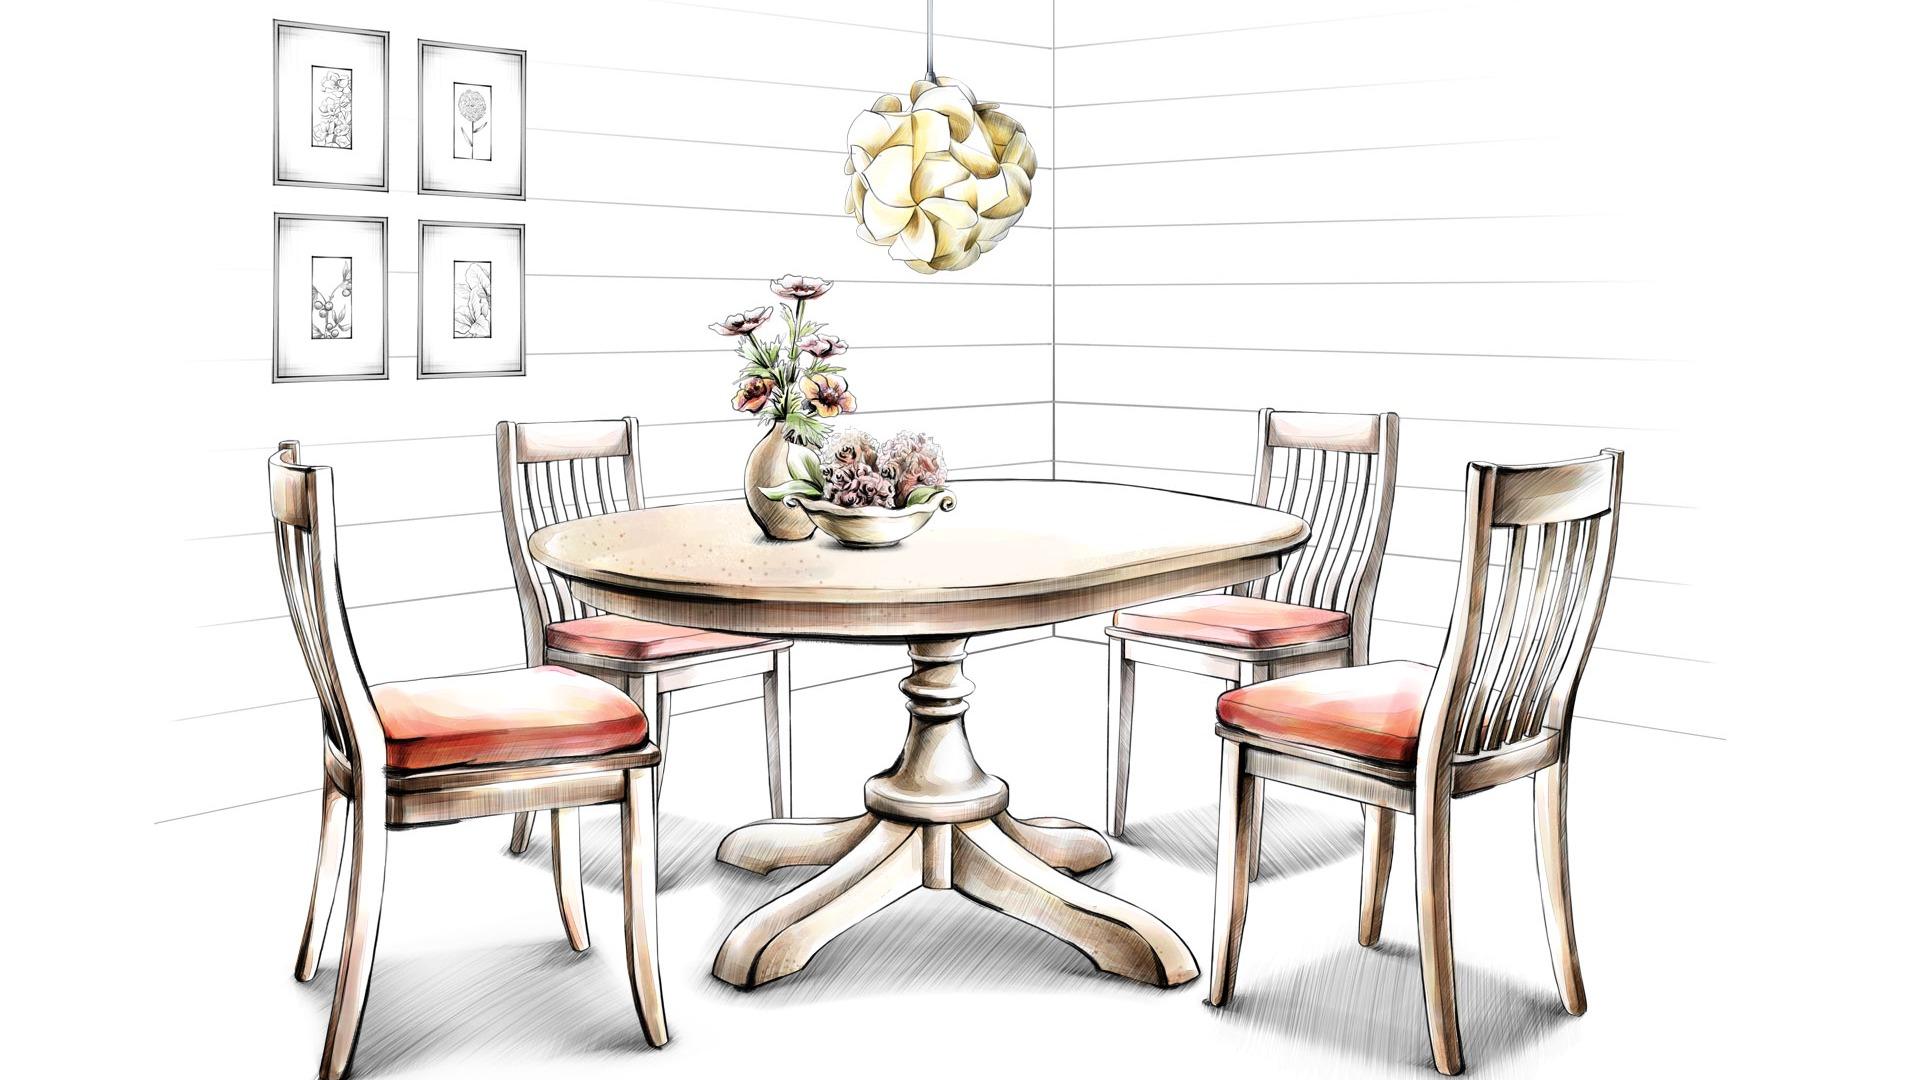 Интерьер, графика, рисунок, проект, мебель, белый фон - #646.